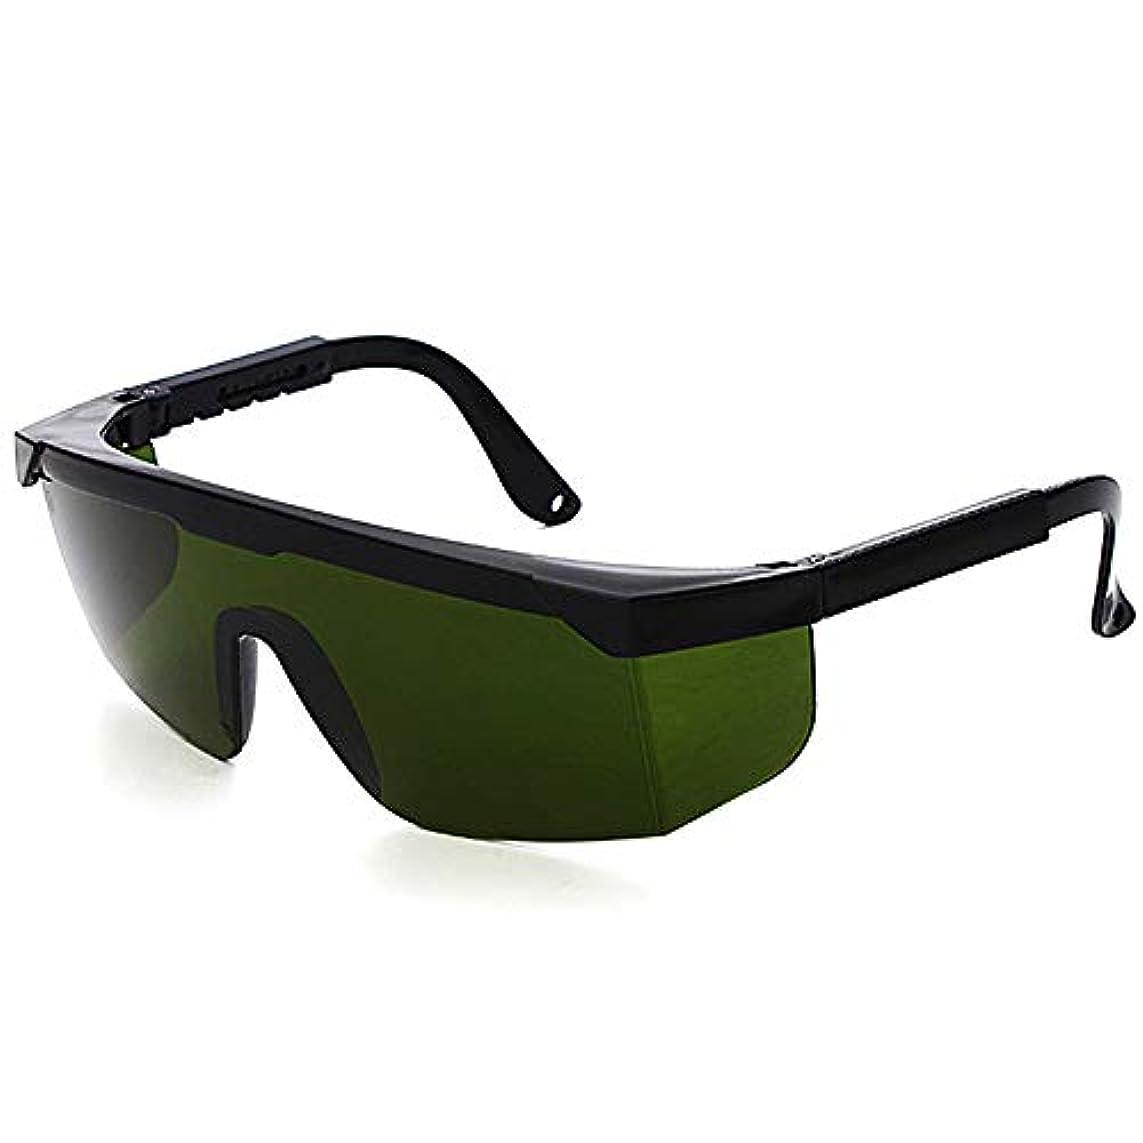 険しい雄弁接尾辞Jiayaofu レーザー保護メガネIPL美容機器メガネレーザーペアIPLメガネ、安全メガネ